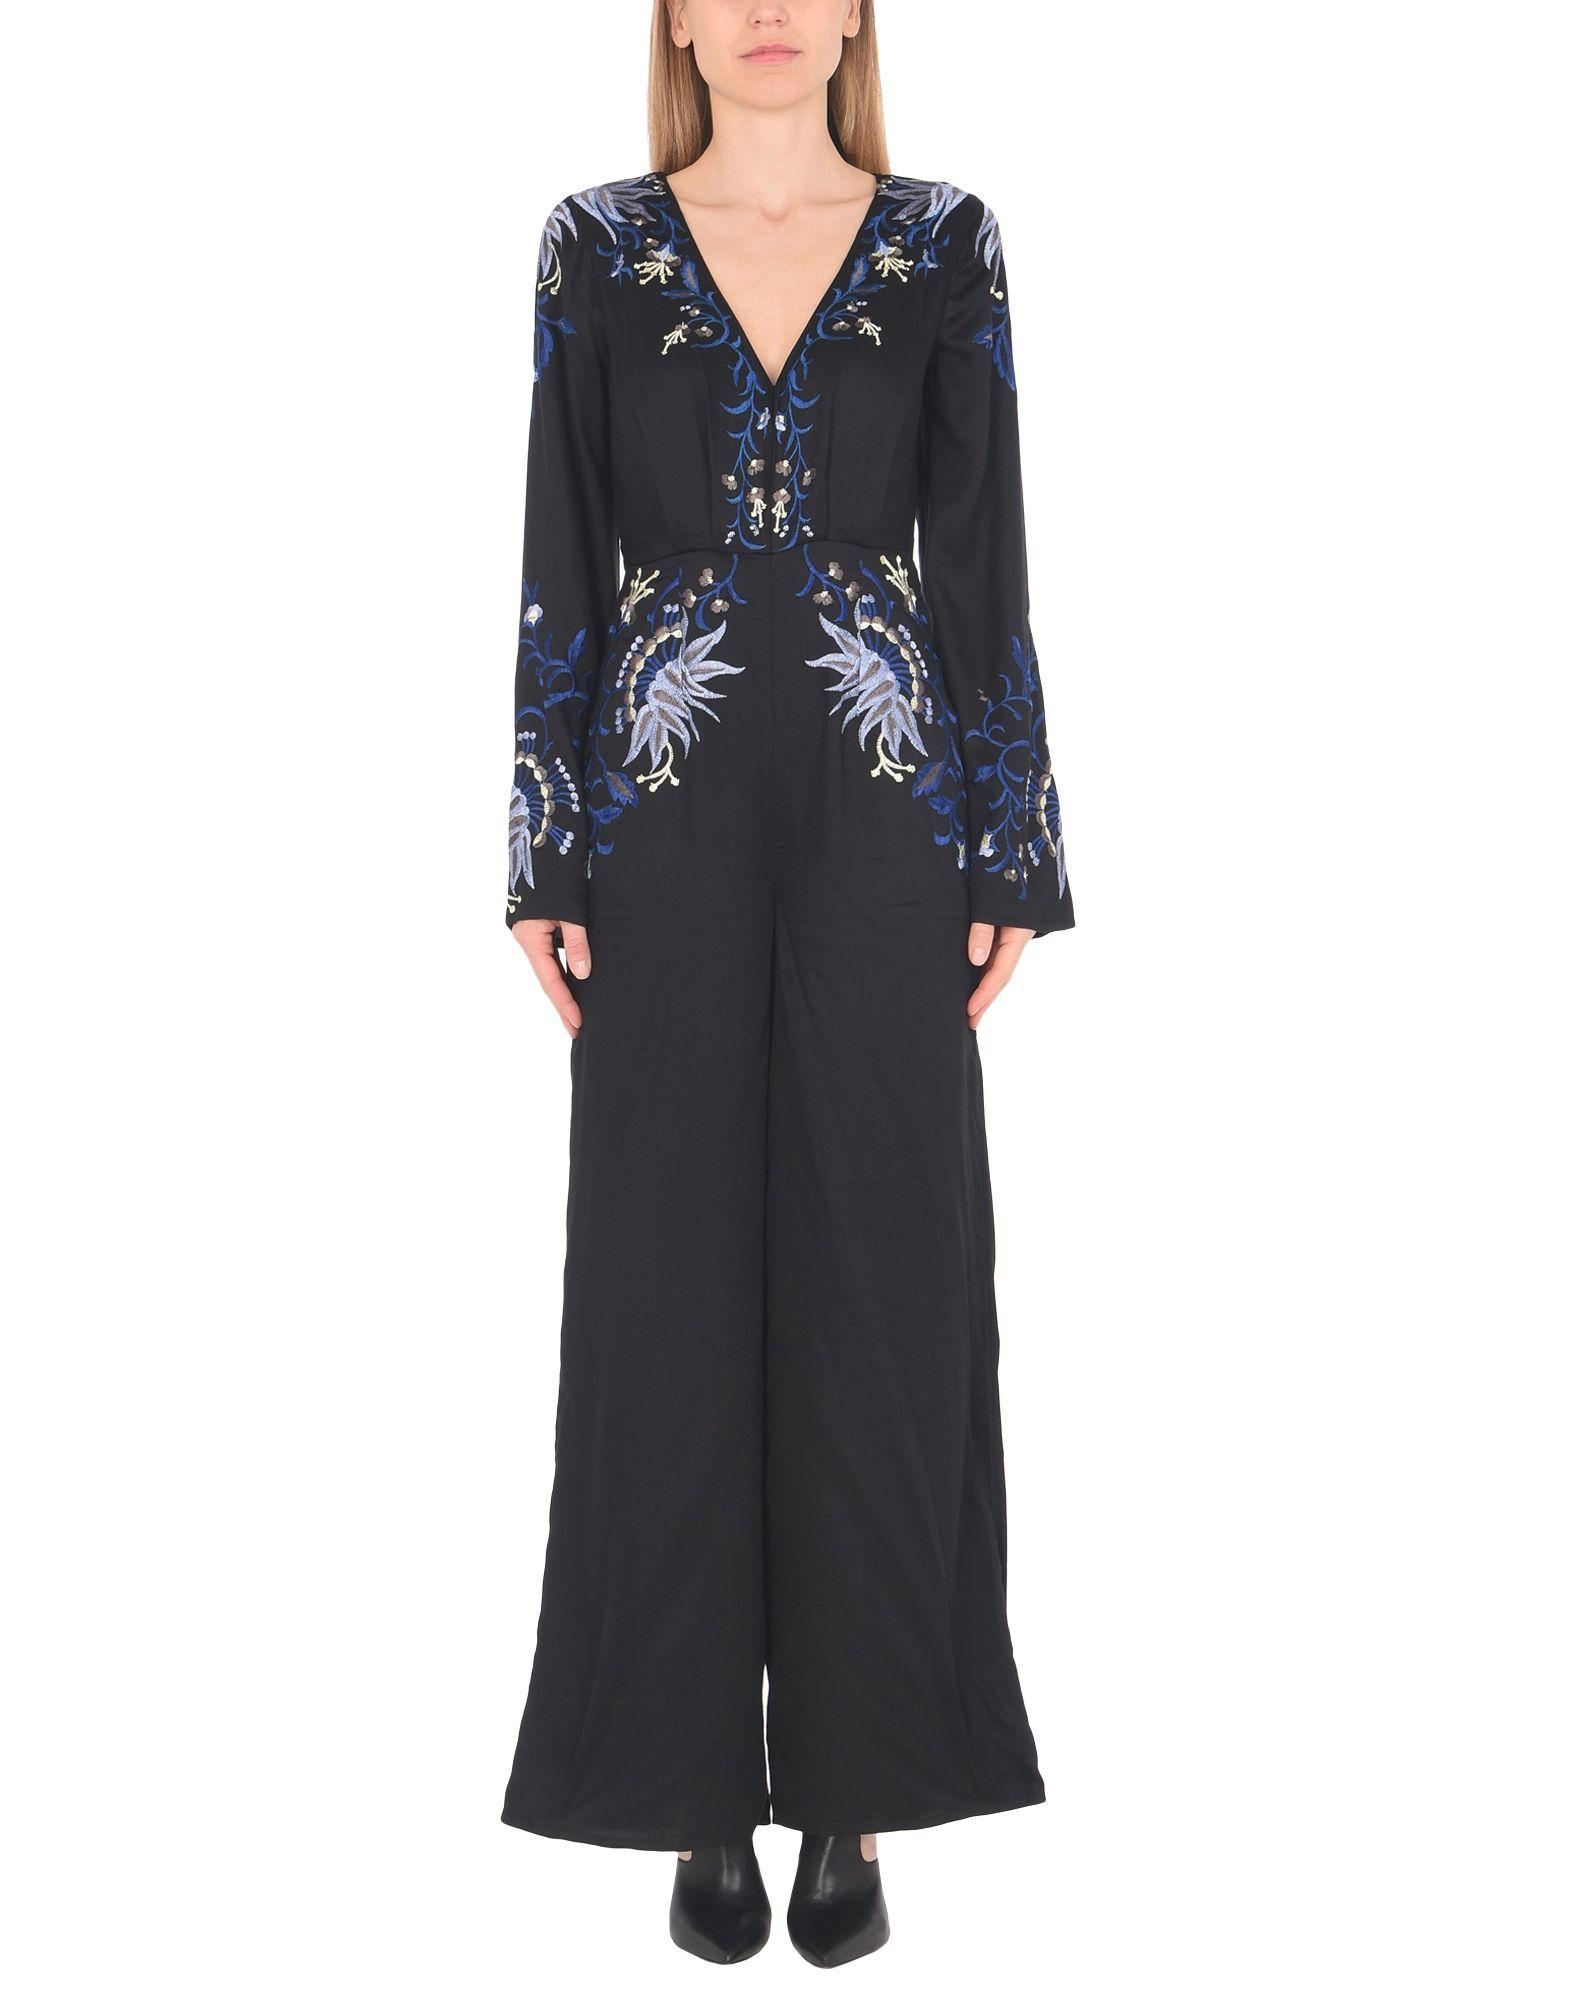 Φόρμα Ολόσωμη Φόρμα Free People Gypsy Rose Jumpsuit - Γυναίκα - Φόρμες Ολόσωμες  Φόρμες Free People στο YOOX - 54160815UQ 62af5548763